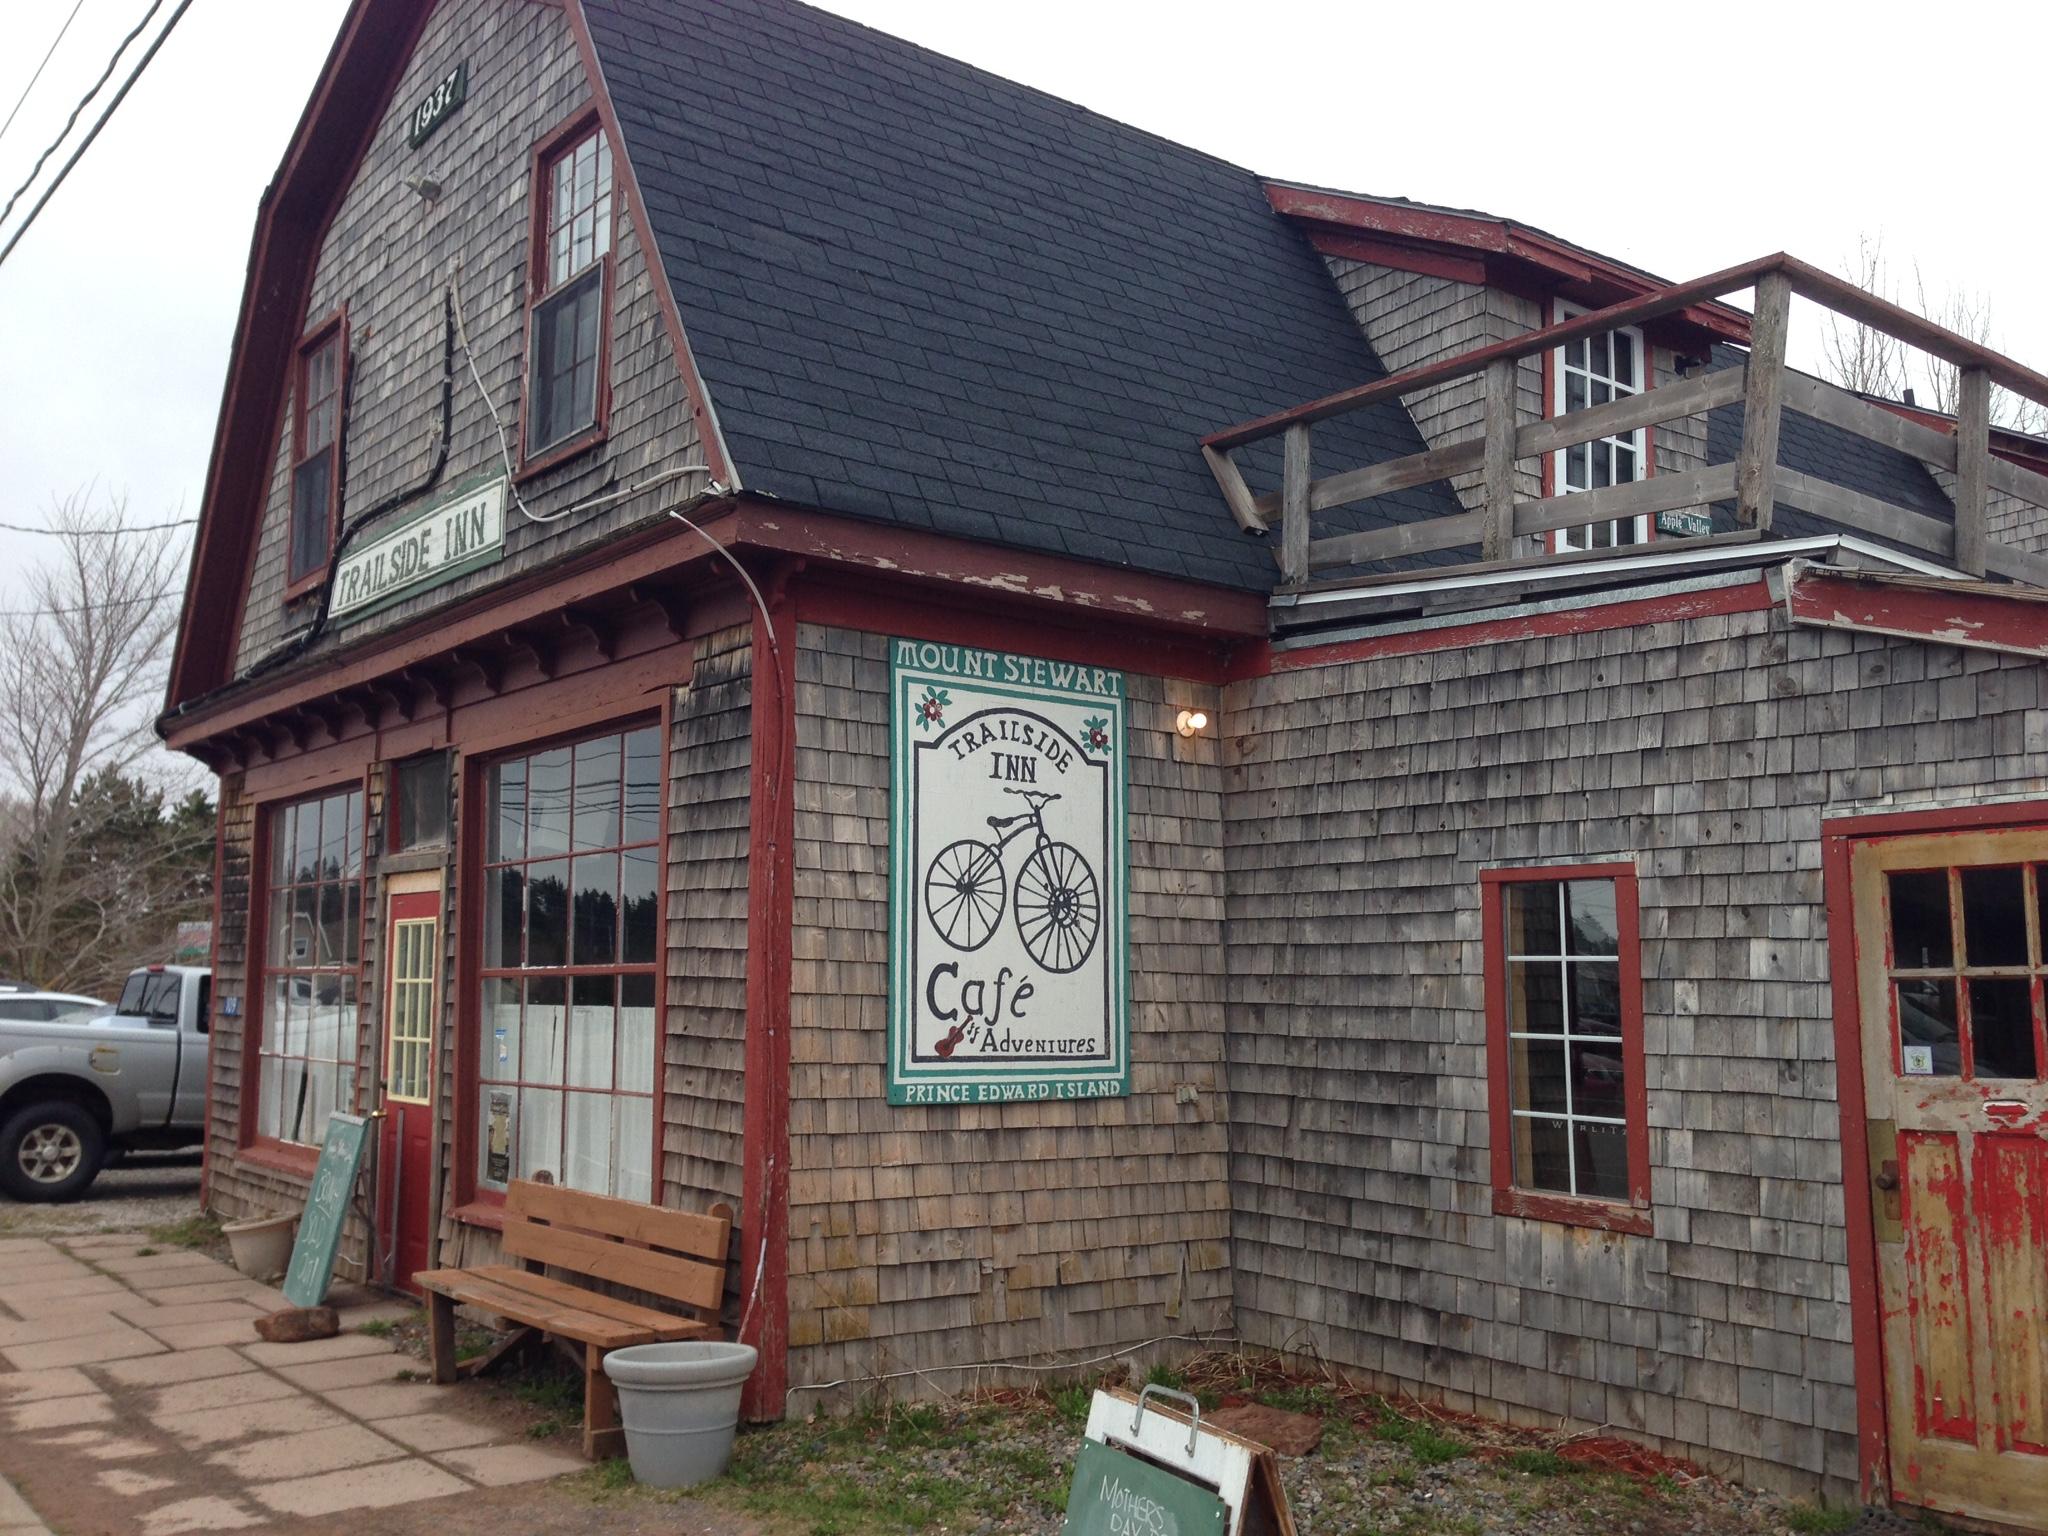 The Trailside Inn... For all your Mother's Day BrunchBluegrass/Gospel needs